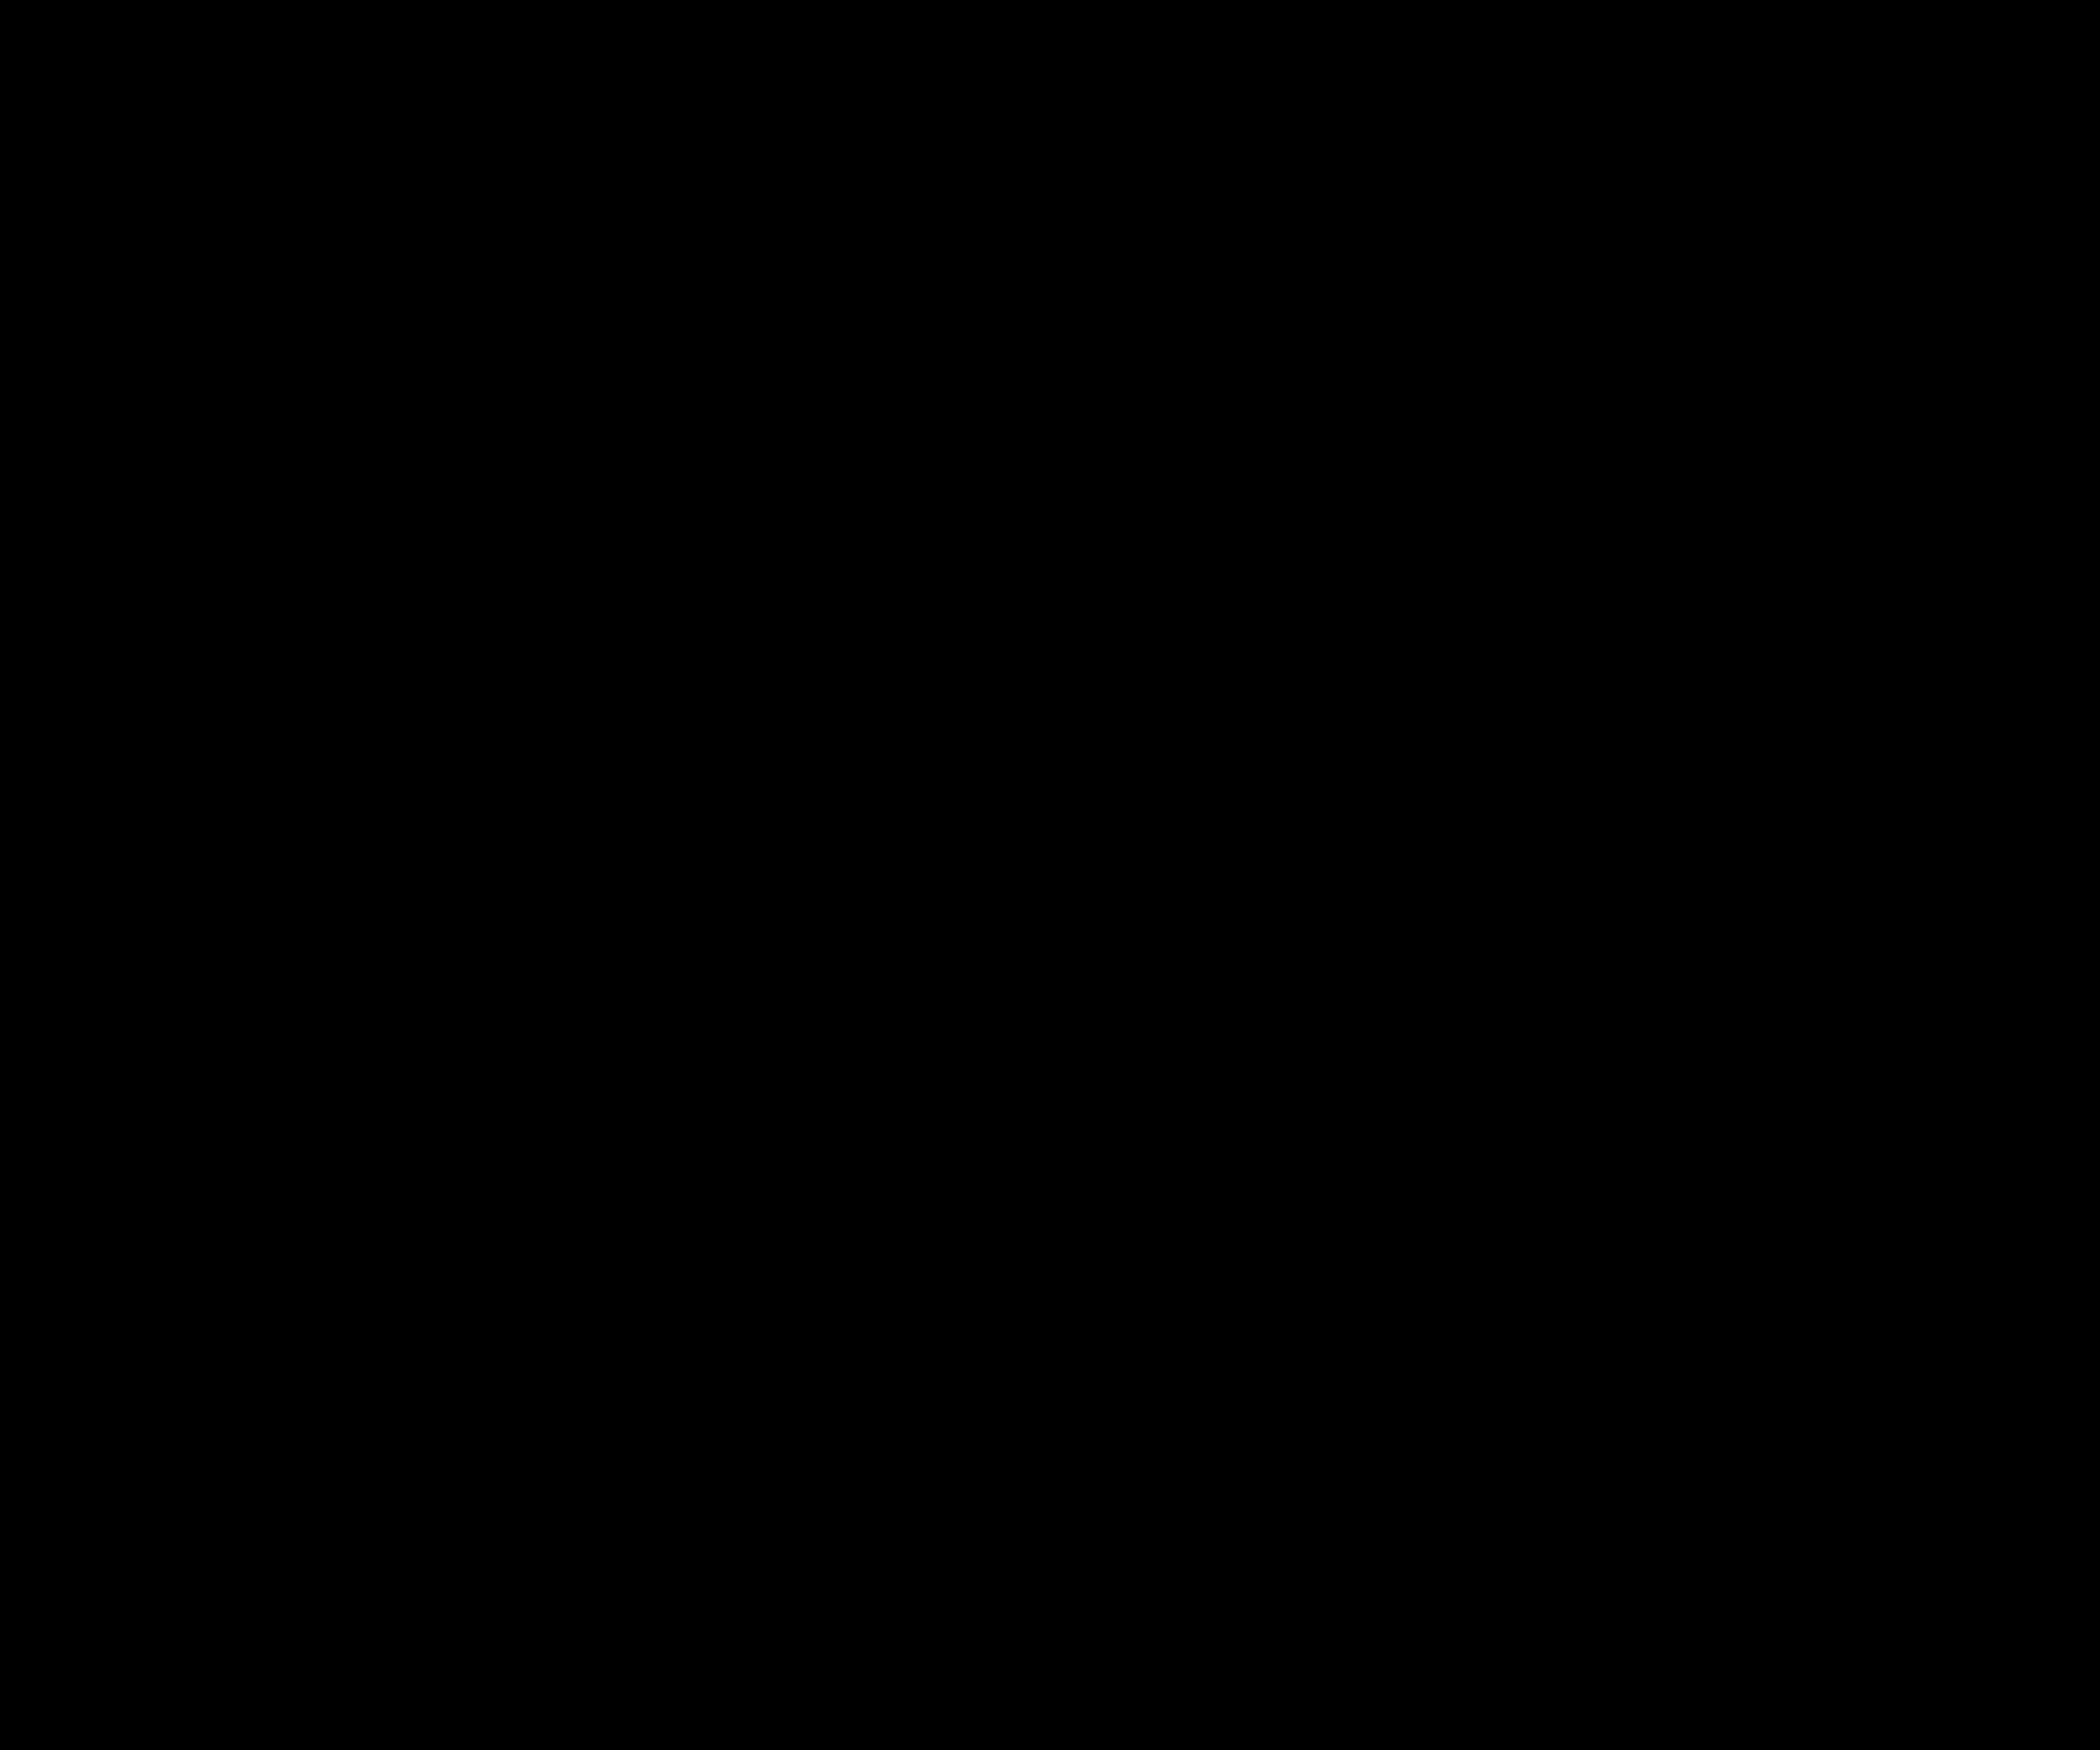 Clipart plane simple.